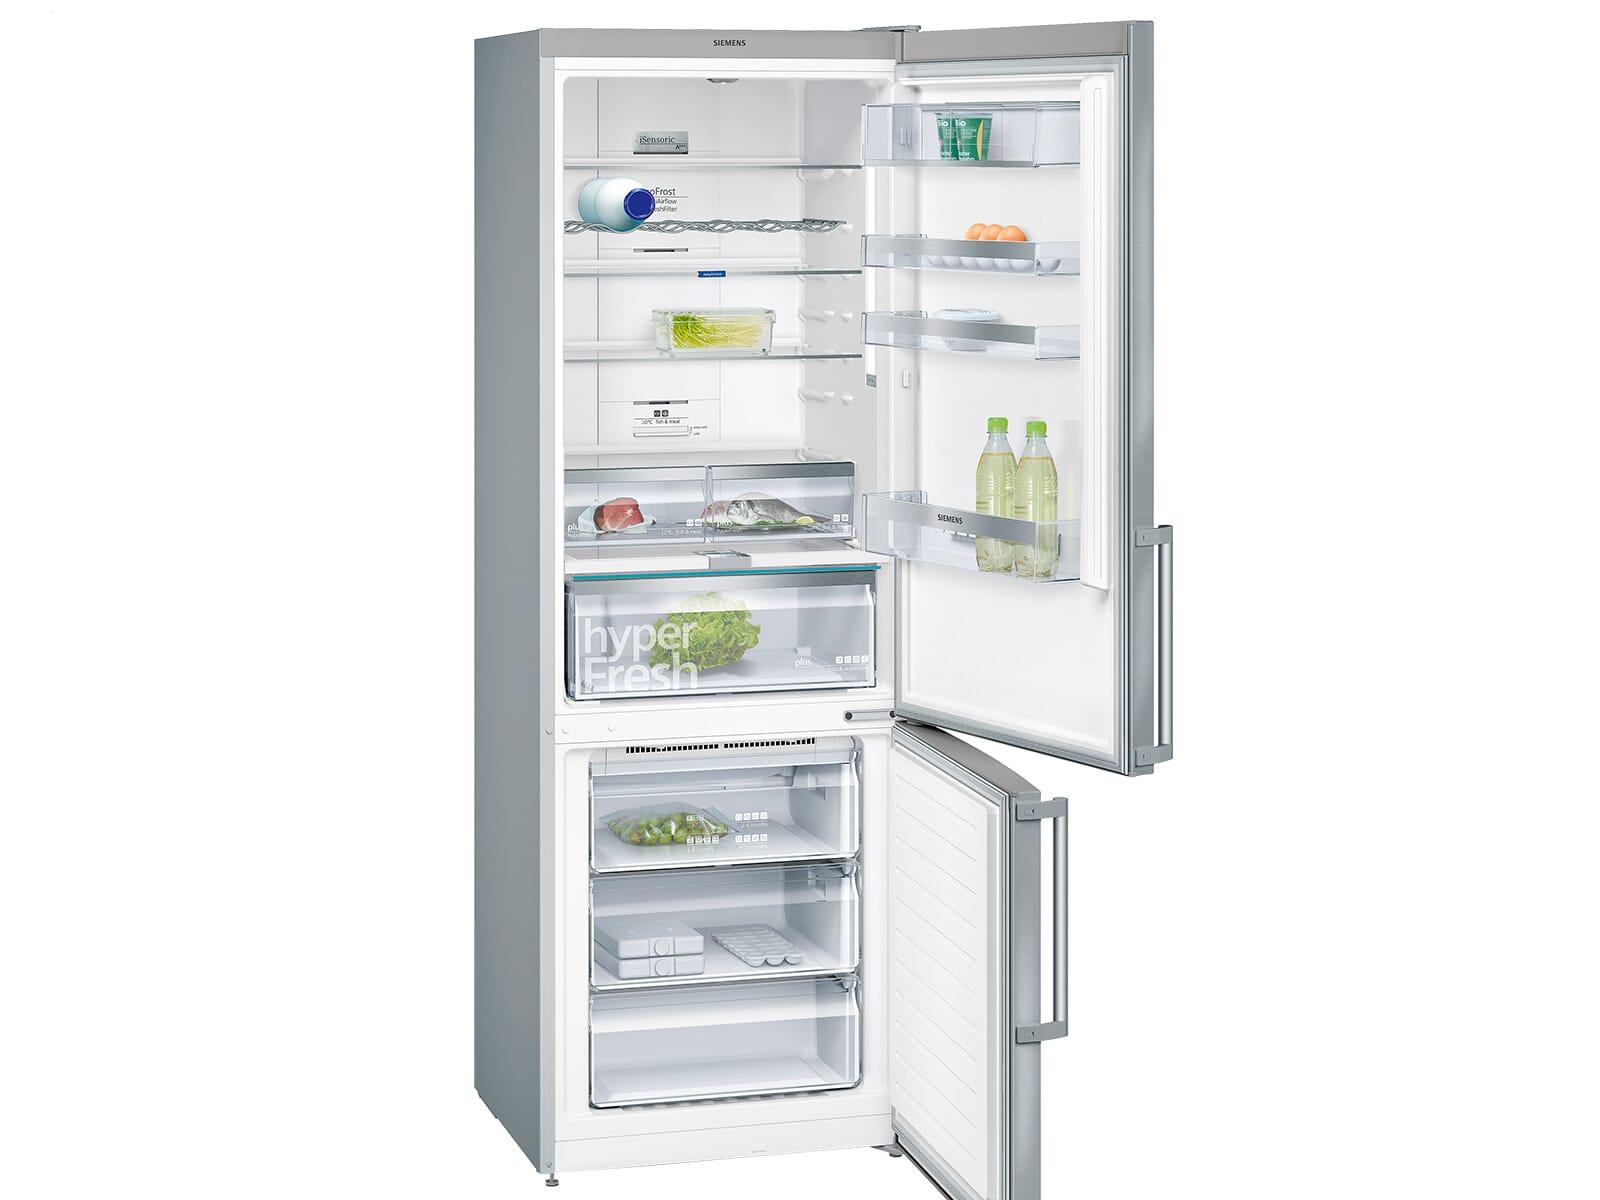 Siemens Kühlschrank Mit Eiswürfelbereiter : Siemens kg nai kühl gefrierkombination edelstahl